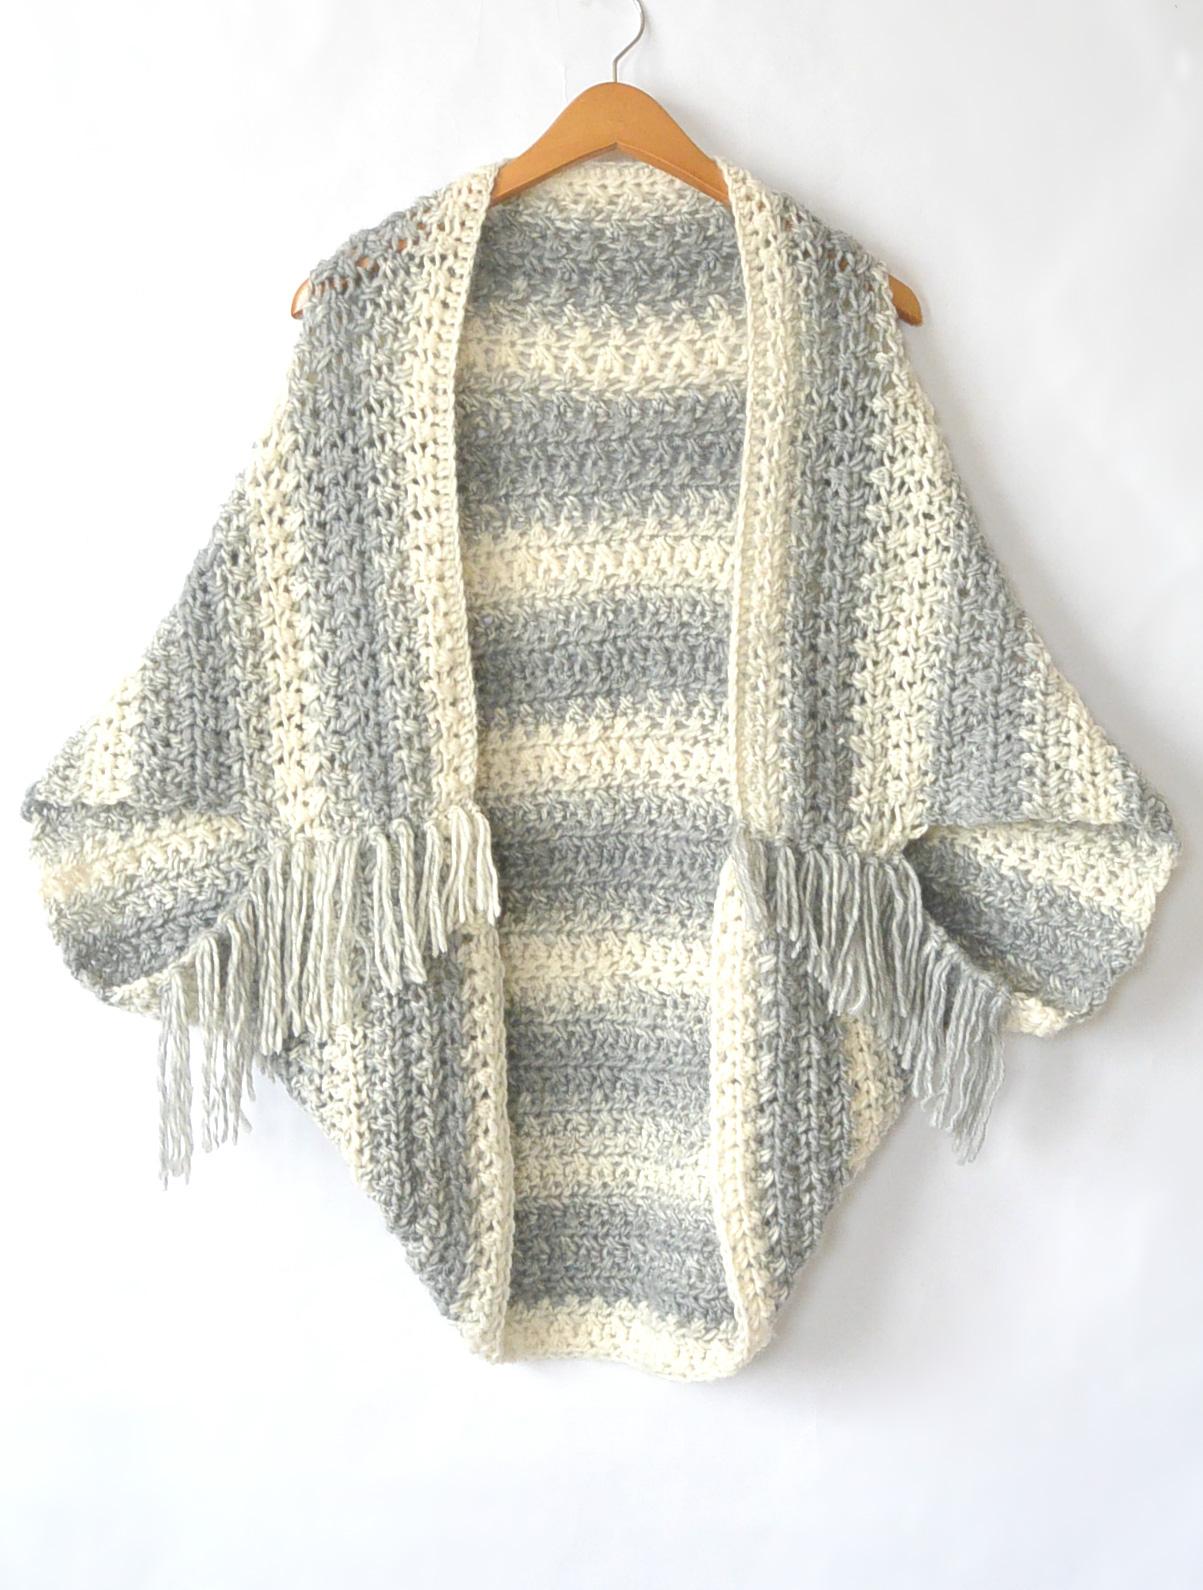 Trolls Knitting Or Crocheting Patterns : Light frost easy blanket sweater crochet pattern mama in